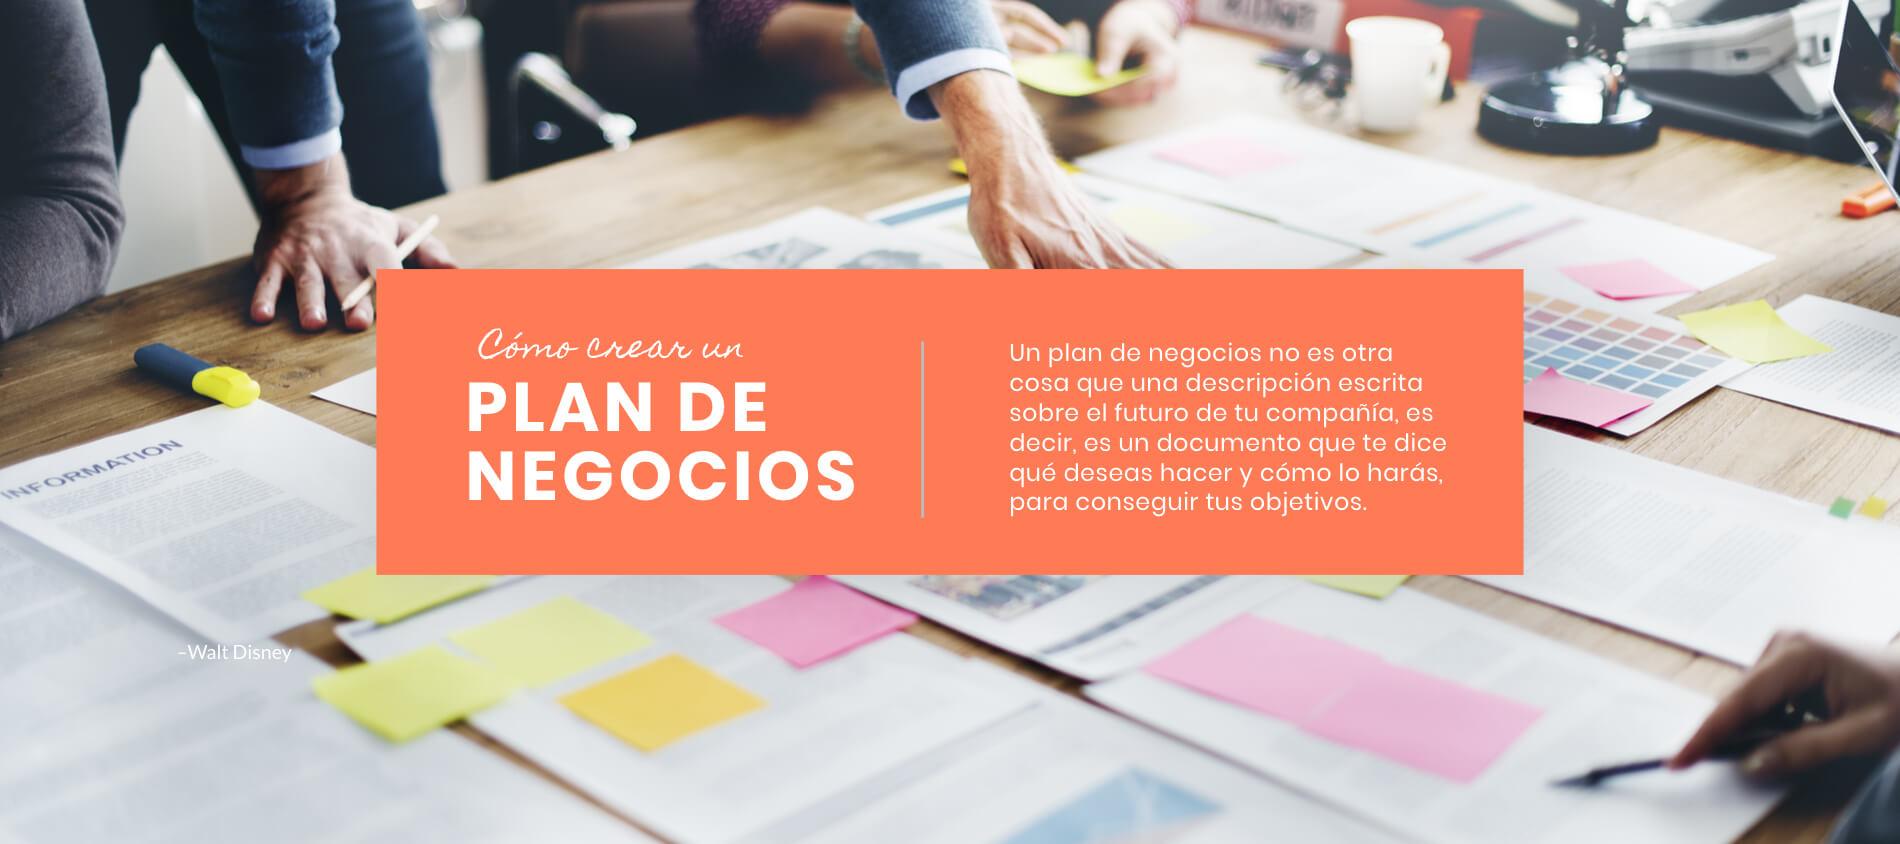 Plan de negocios cómo crear uno: La Guía definitiva